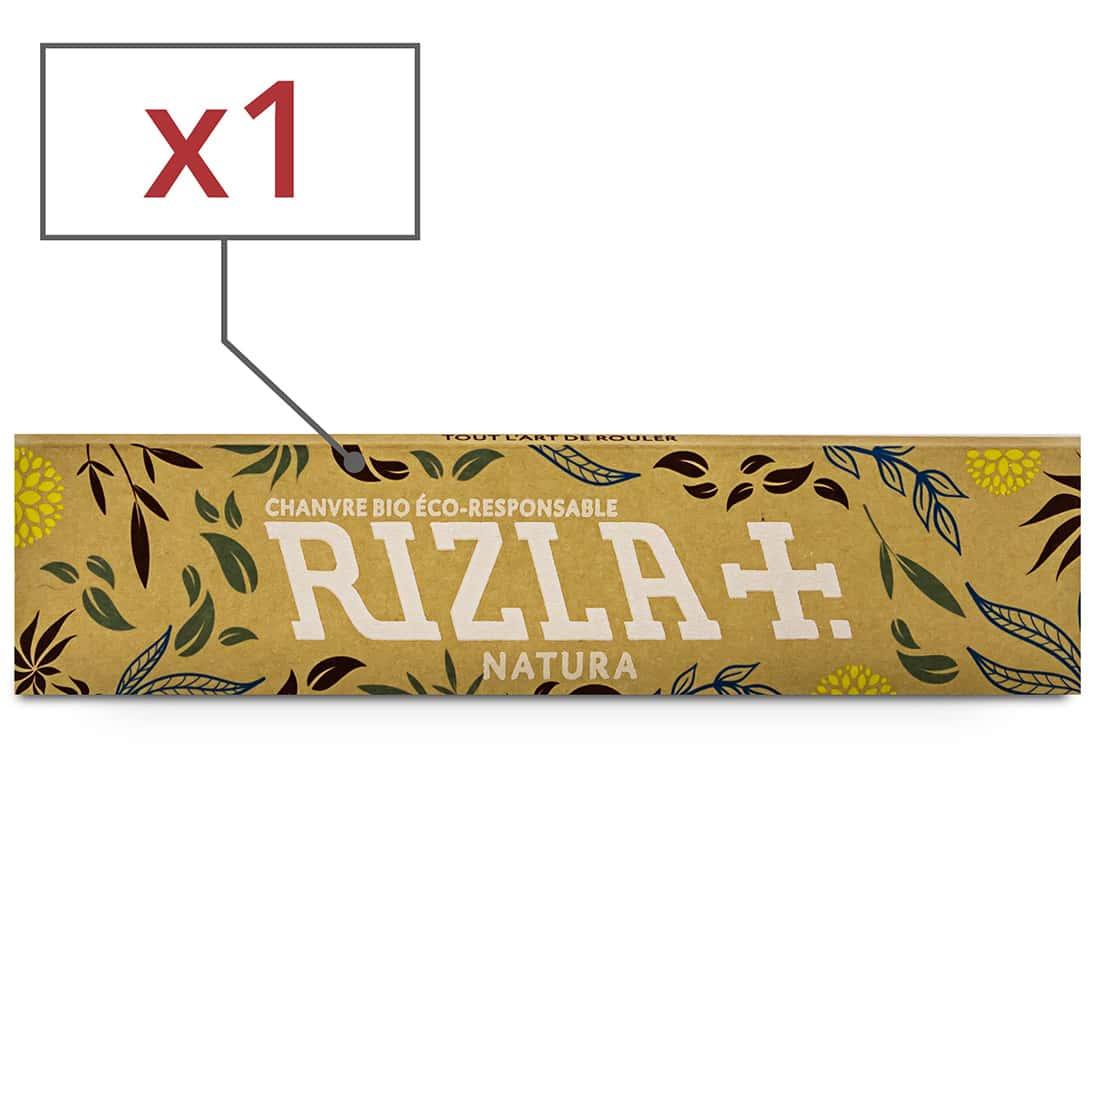 Photo de Papier à rouler Rizla + Natura Slim x 1